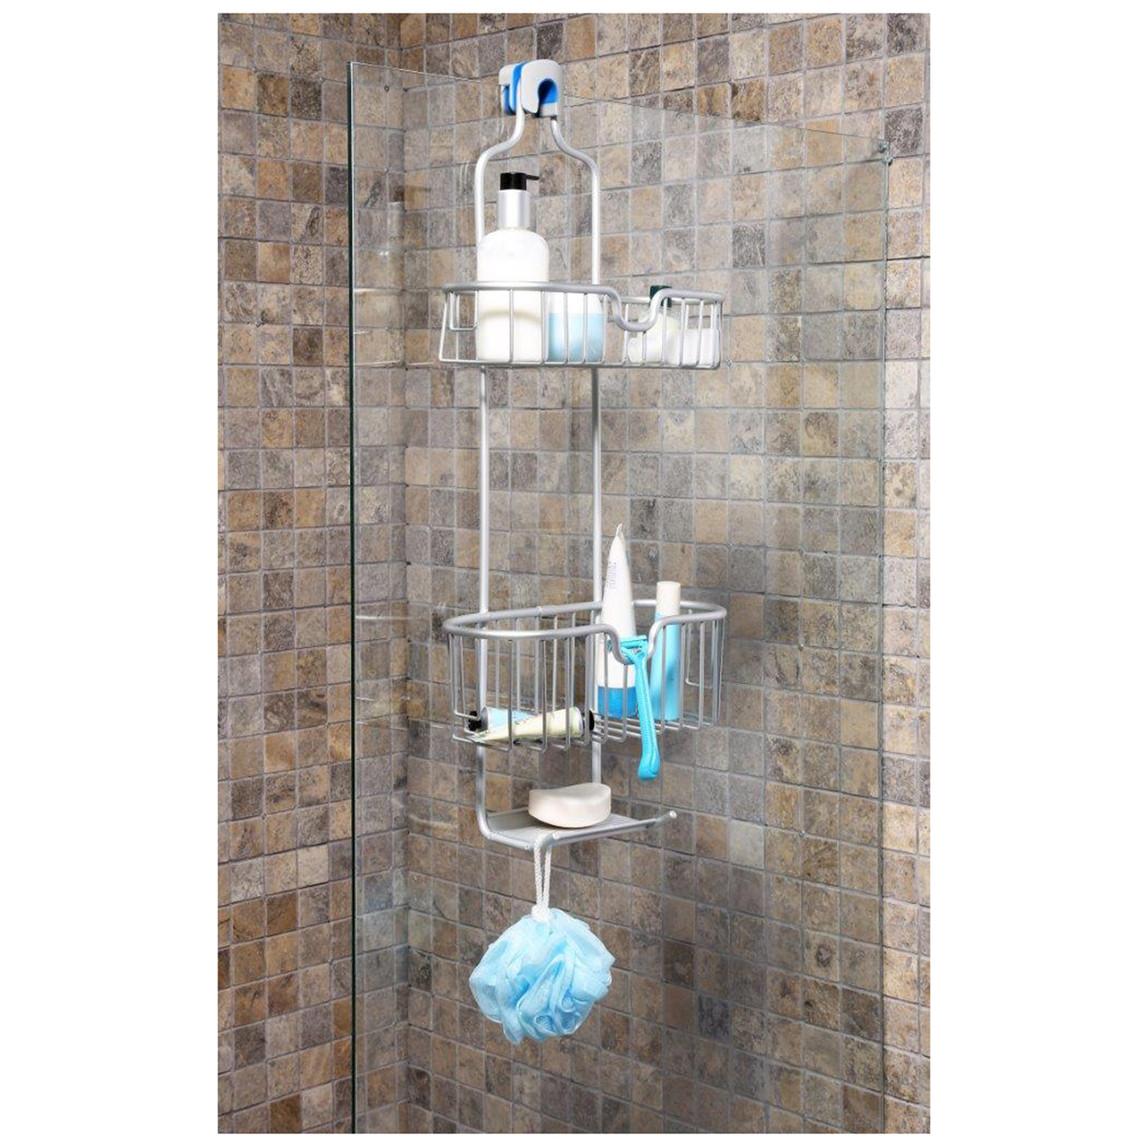 Paloma Aluminyum Duş Sepeti 2' li Mat Eloksal